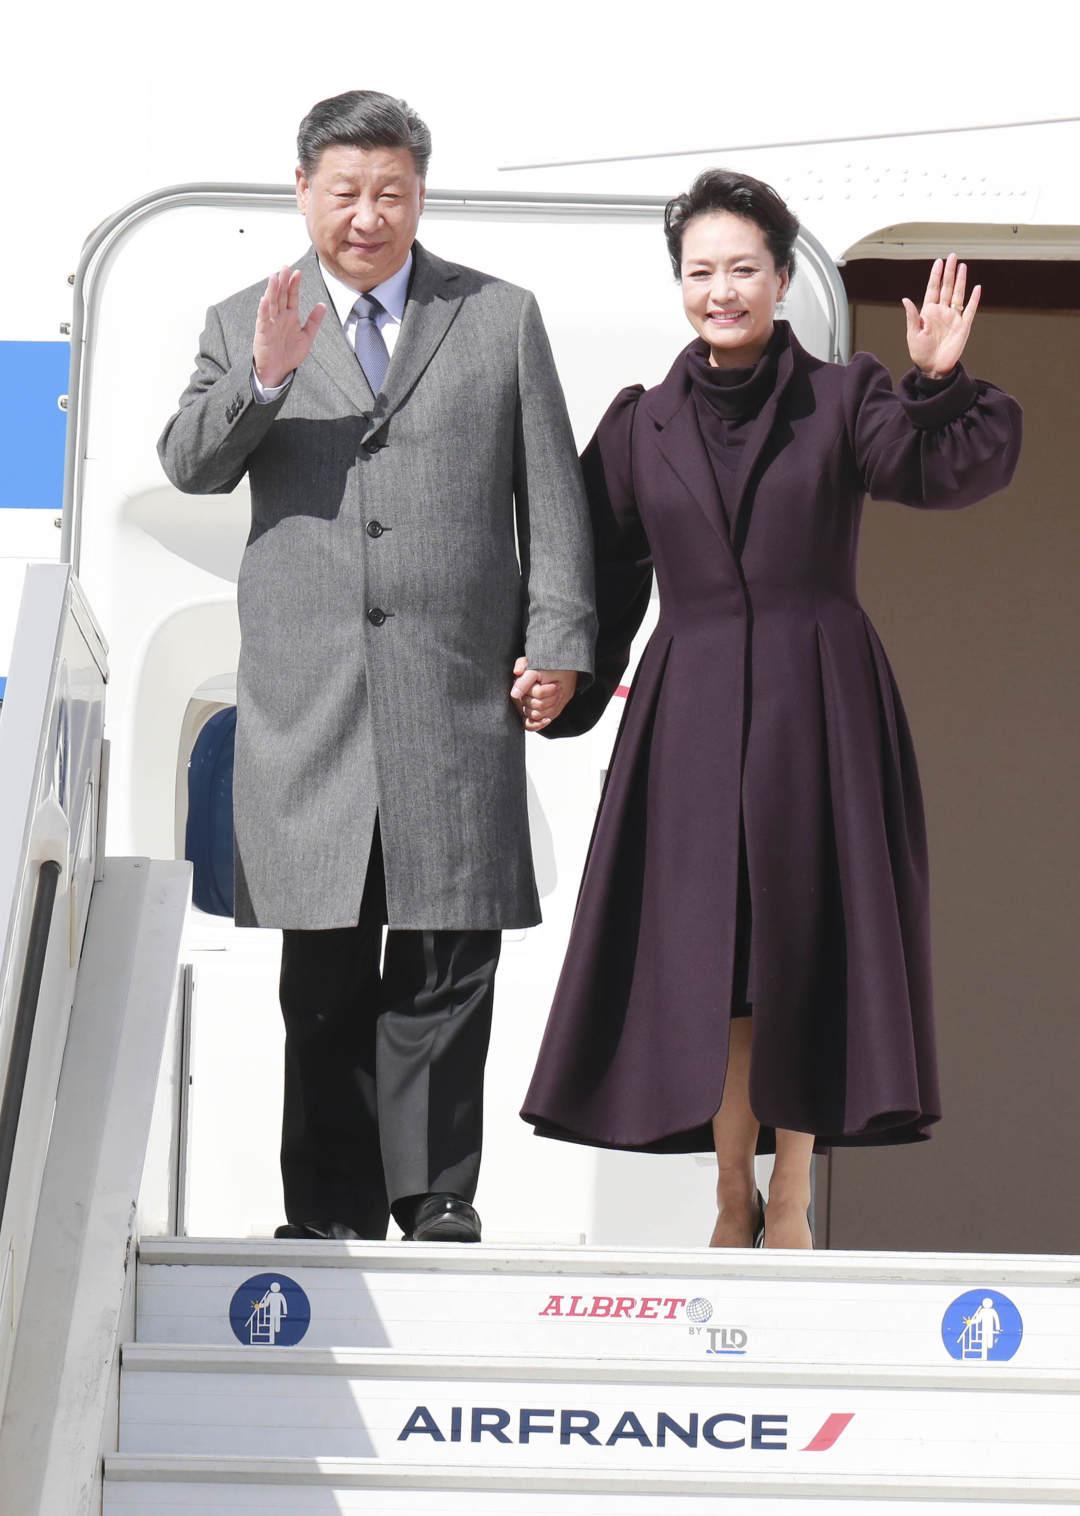 3月25日,国家主席习近平在巴黎爱丽舍宫同法国总统马克龙会谈。当日上午,习近平结束在尼斯的行程,乘专机离开尼斯赴巴黎,继续对法国进行国事访问。这是习近平和夫人彭丽媛抵达巴黎戴高乐机场。新华社记者 丁林 摄